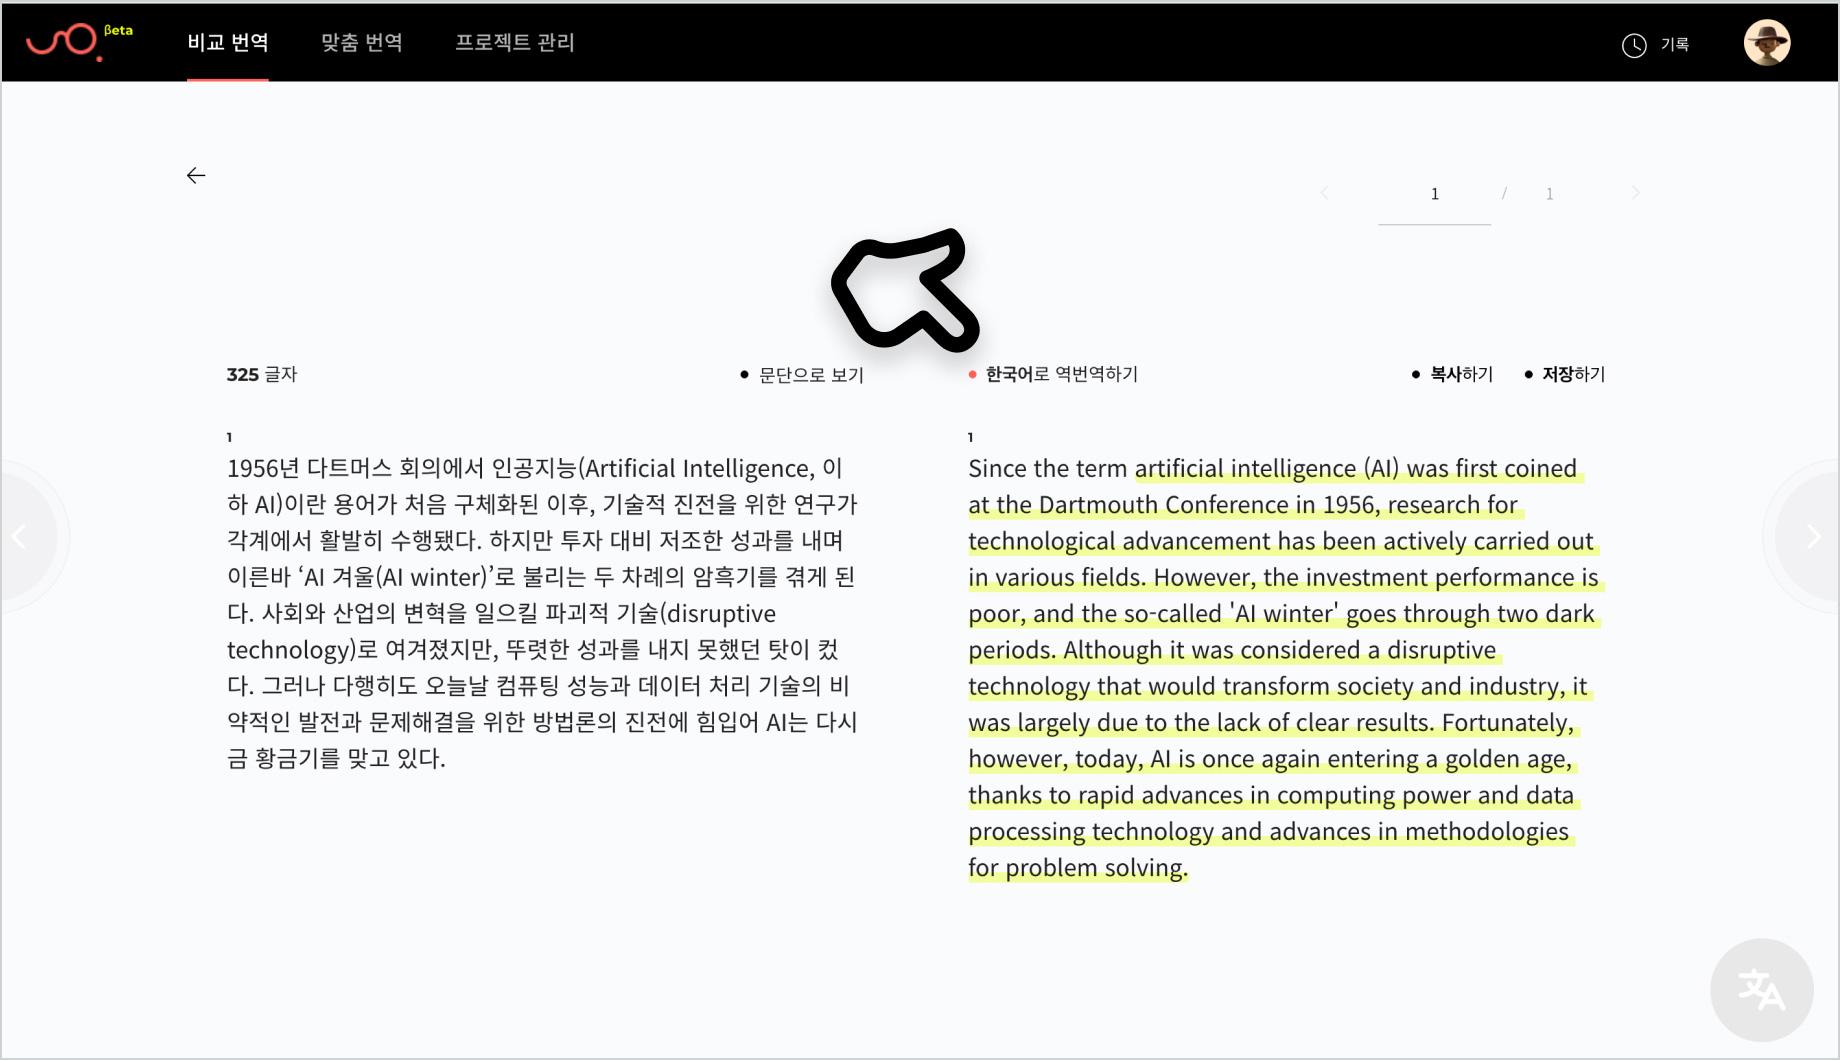 지콘스튜디오_비교번역_한국어로 역번역하기